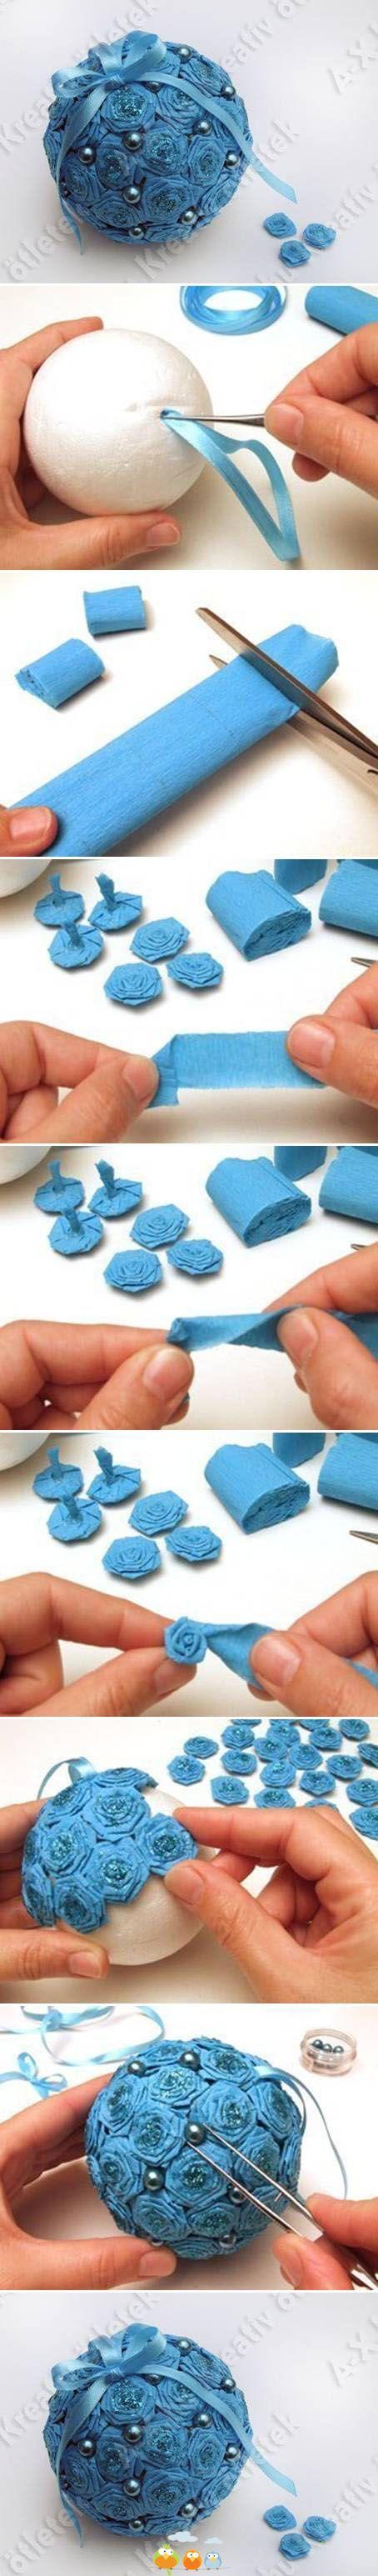 Boule fleur craft pinterest meilleures id es boule boules de papier et papier cr pon - Boule de fleur en papier crepon ...